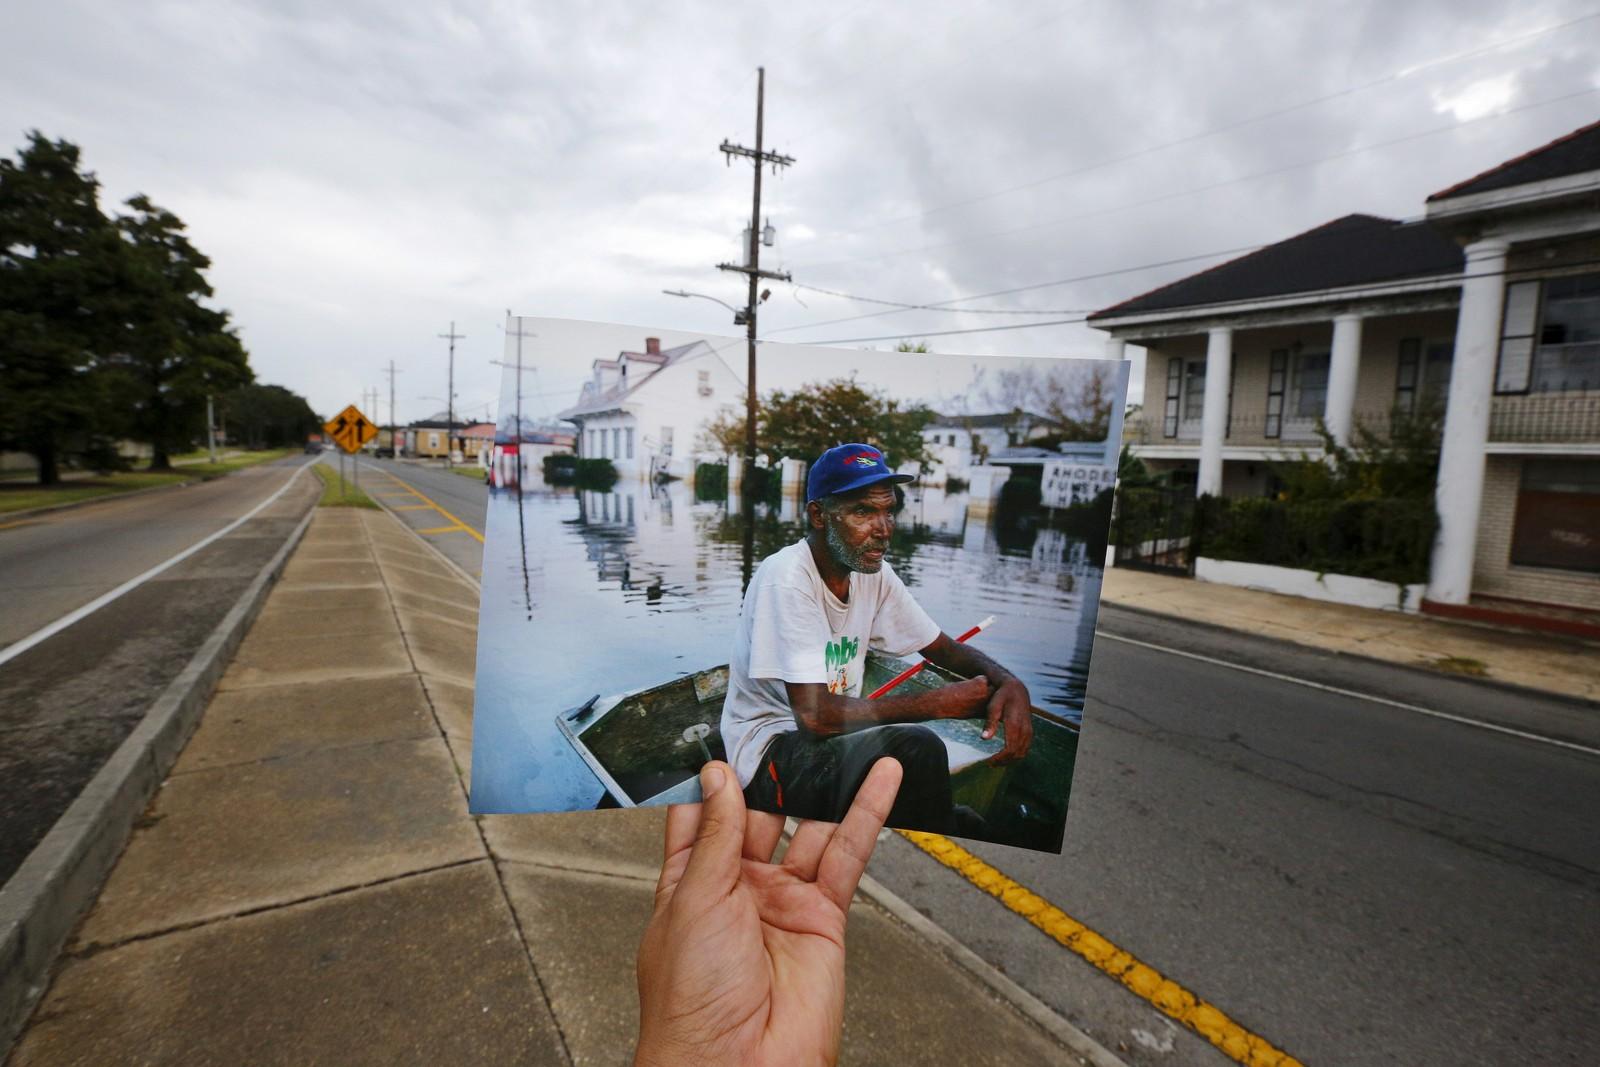 Fotograf Carlos Barria holder opp et fotografi tatt på samme sted i New Orleans for 10 år siden. Denne uka var det 10 år siden orkanen Katrina traff byen. Over 1800 mennesker mista livet, og rundt én million mennesker flykta fra byen, som ble oversvømmet.